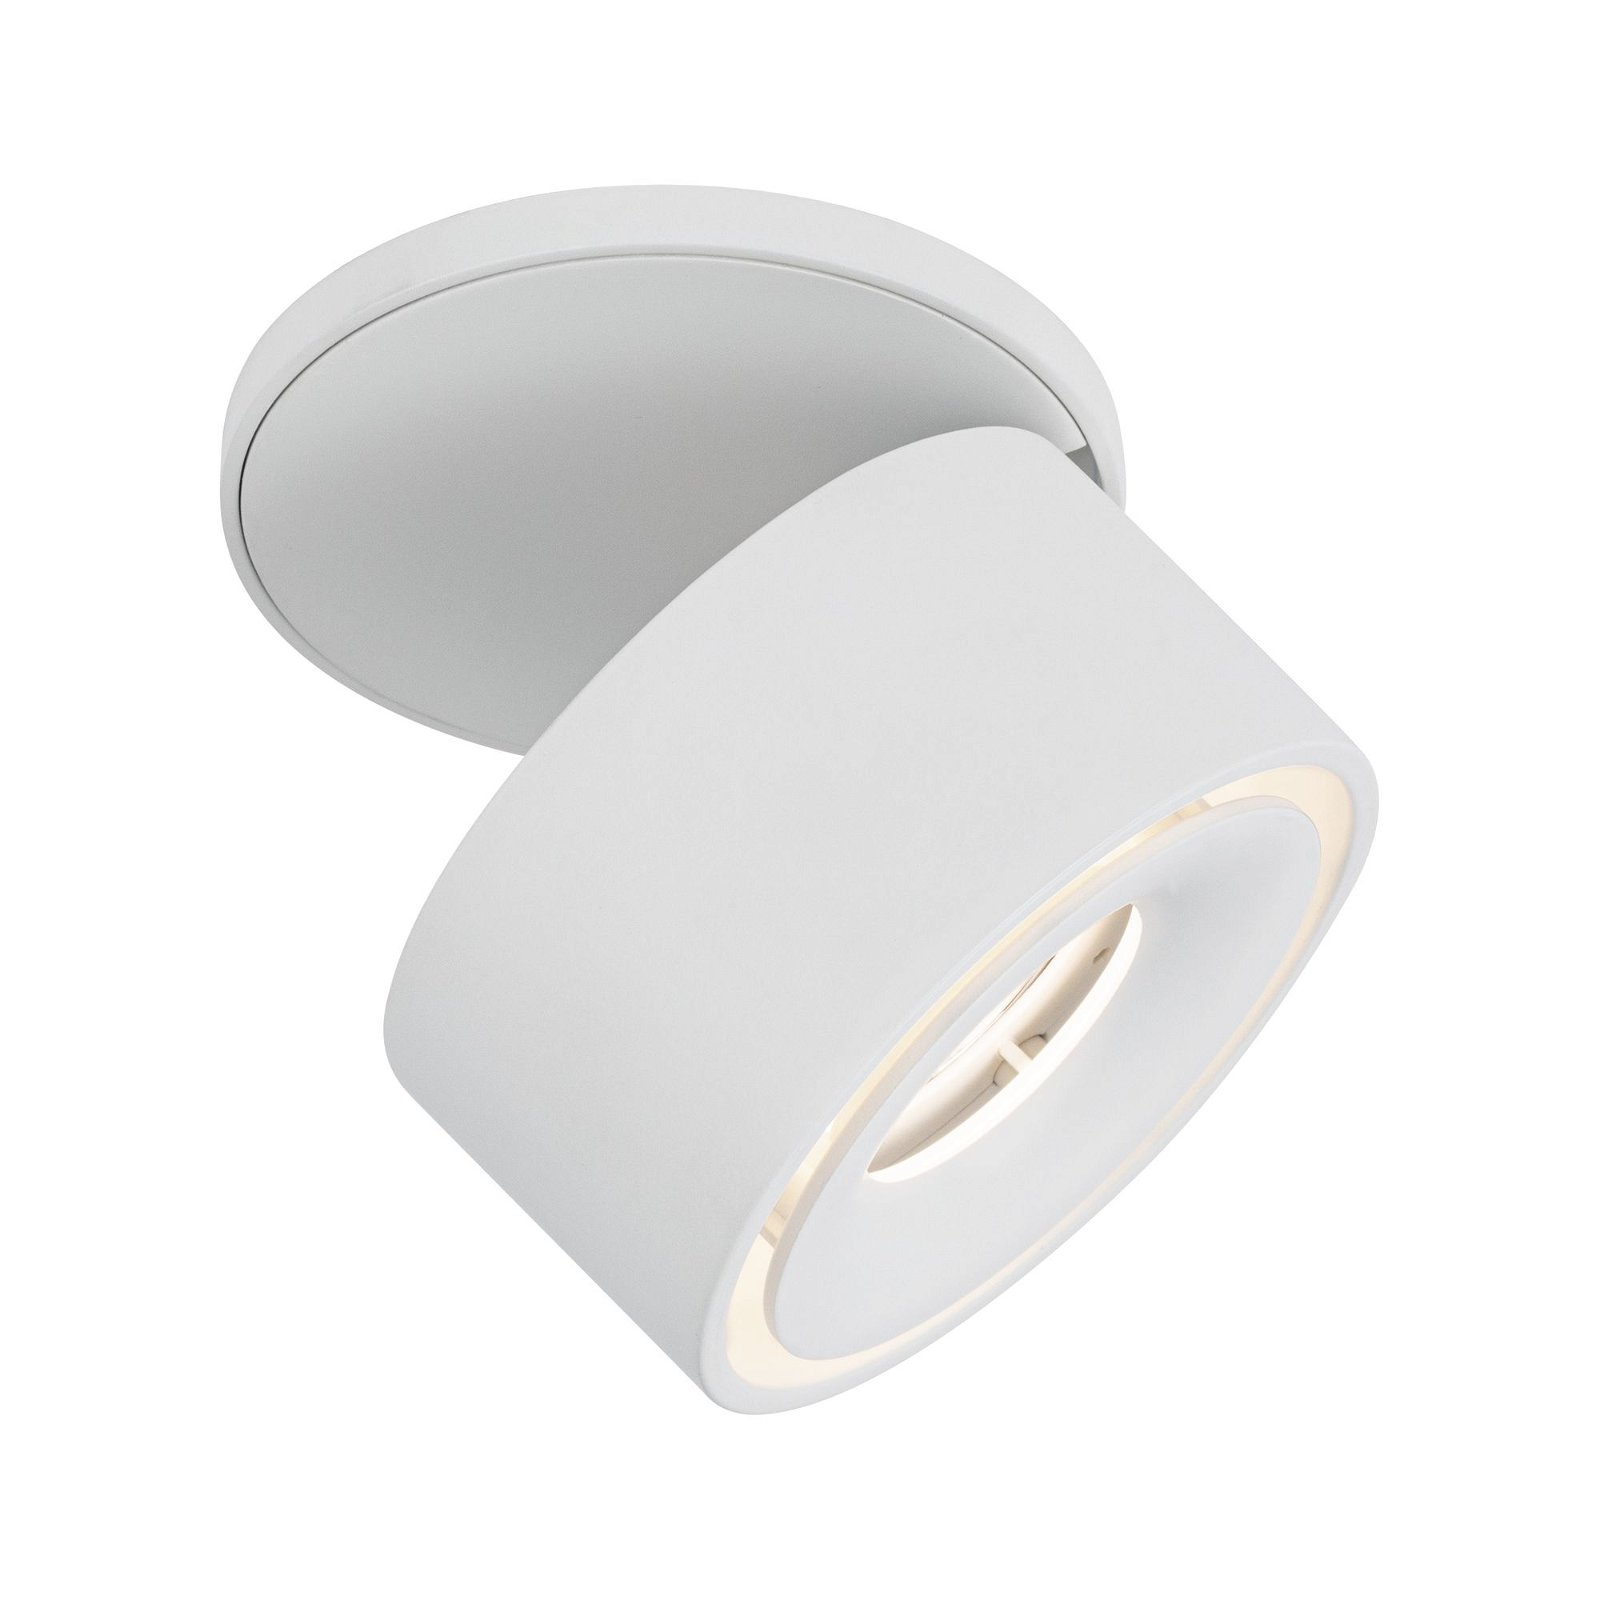 LED Einbauleuchte Spircle 78mm 8,0W 780lm 230V 3000K Weiß matt